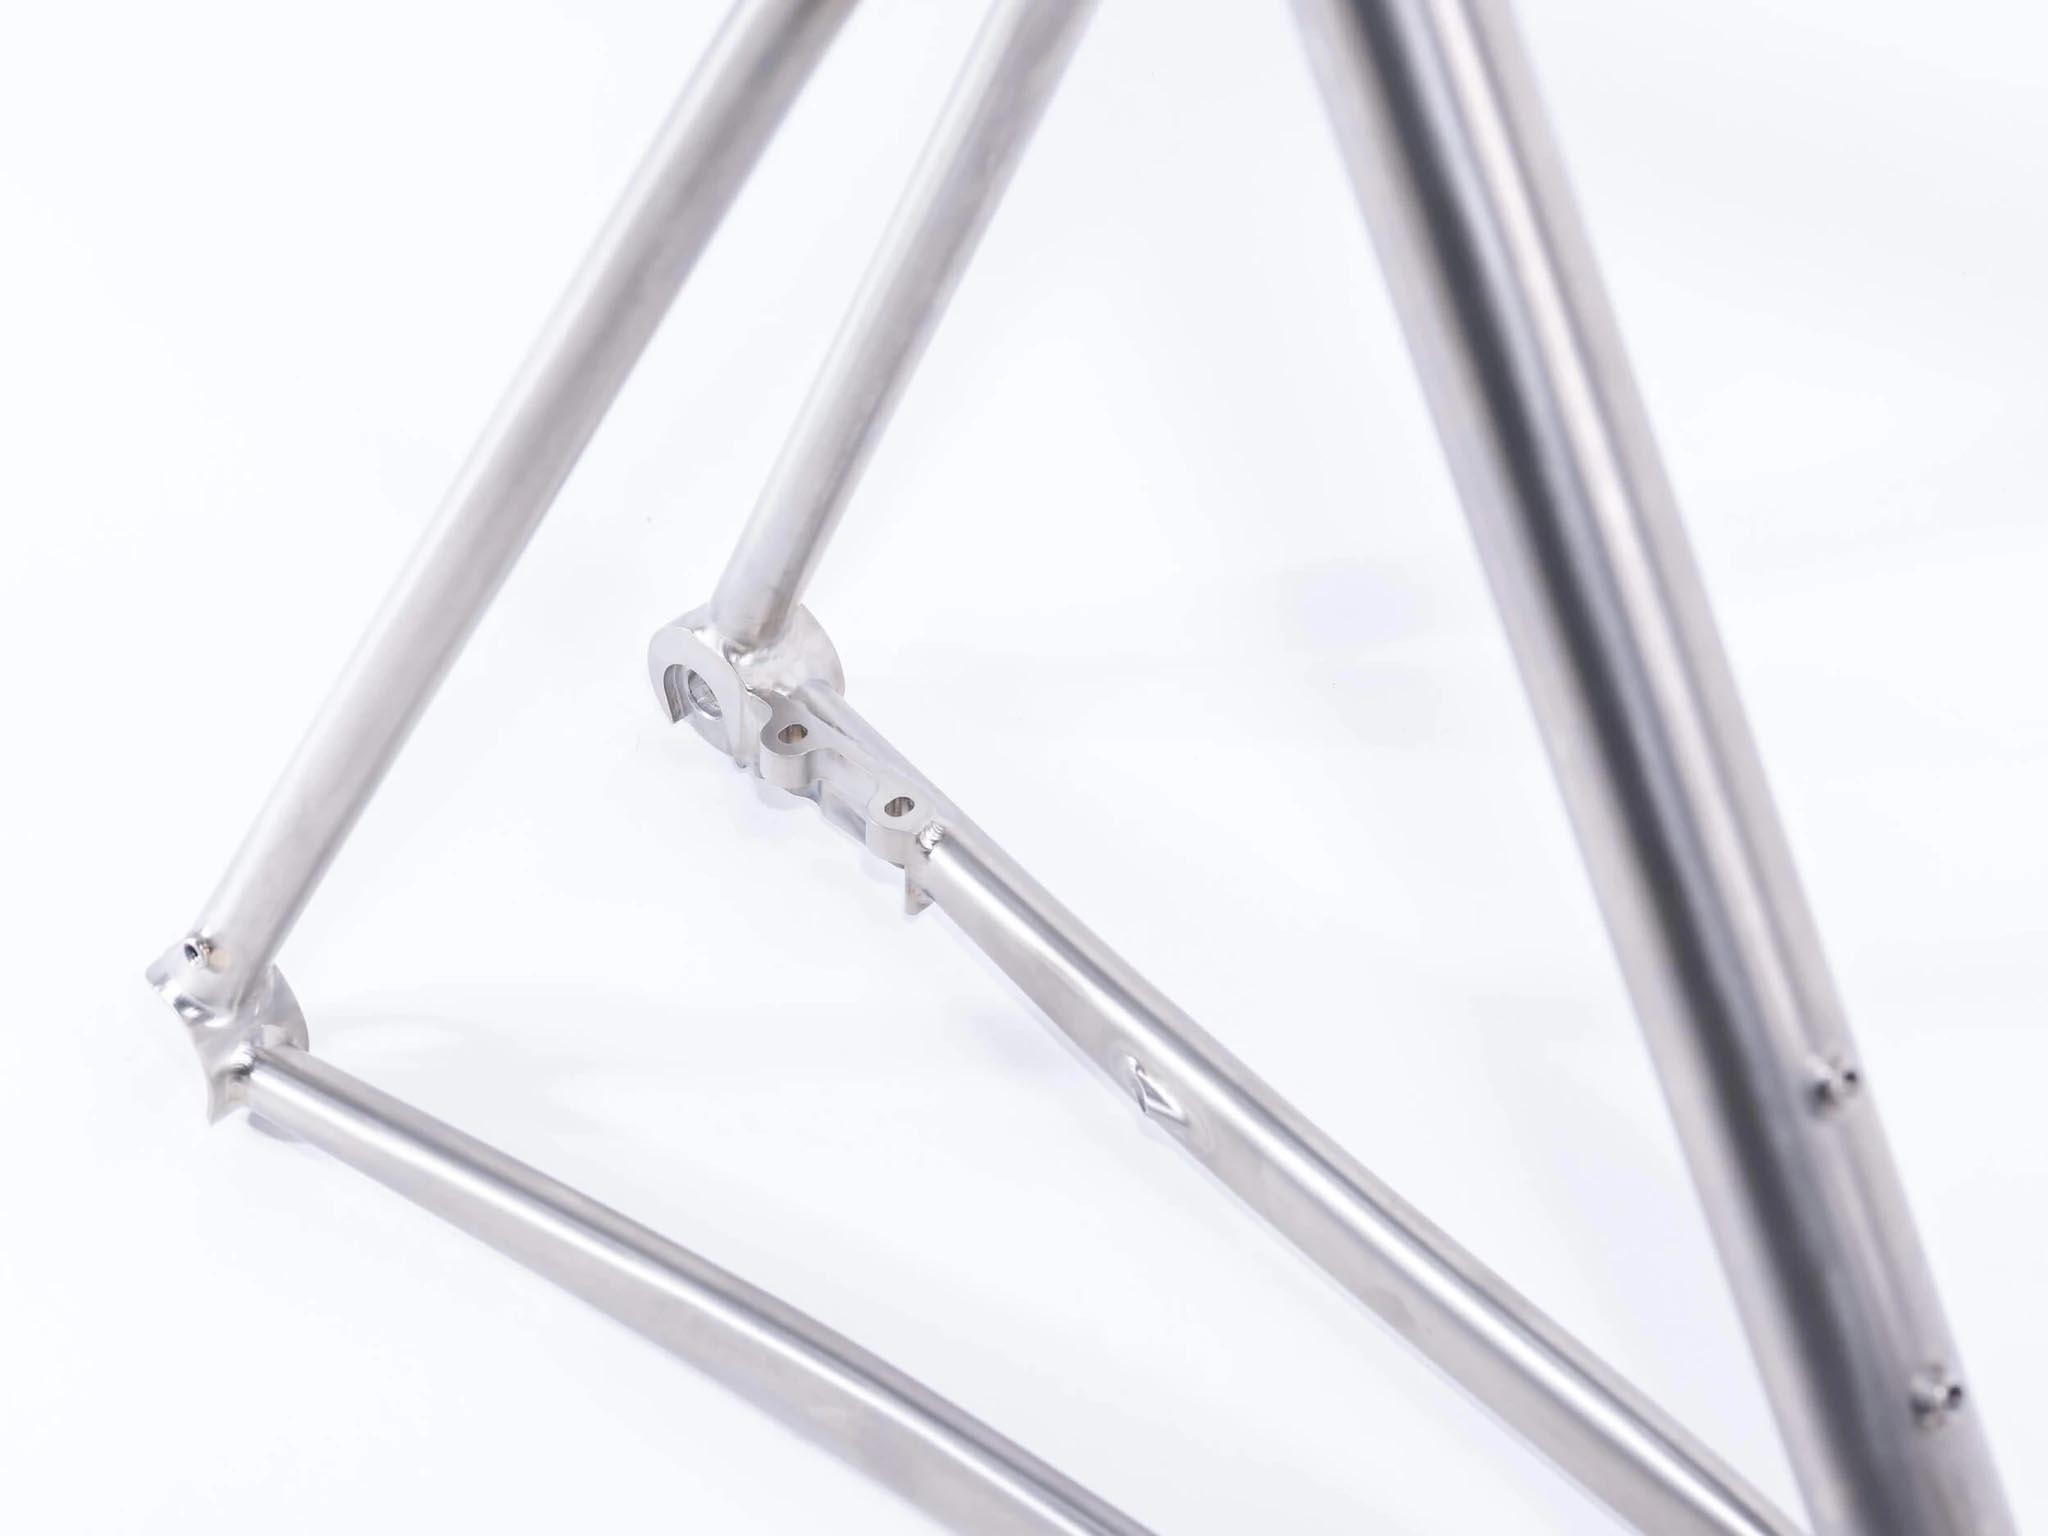 Ritte Satyr 2.0 titanium gravel frame brake mounts